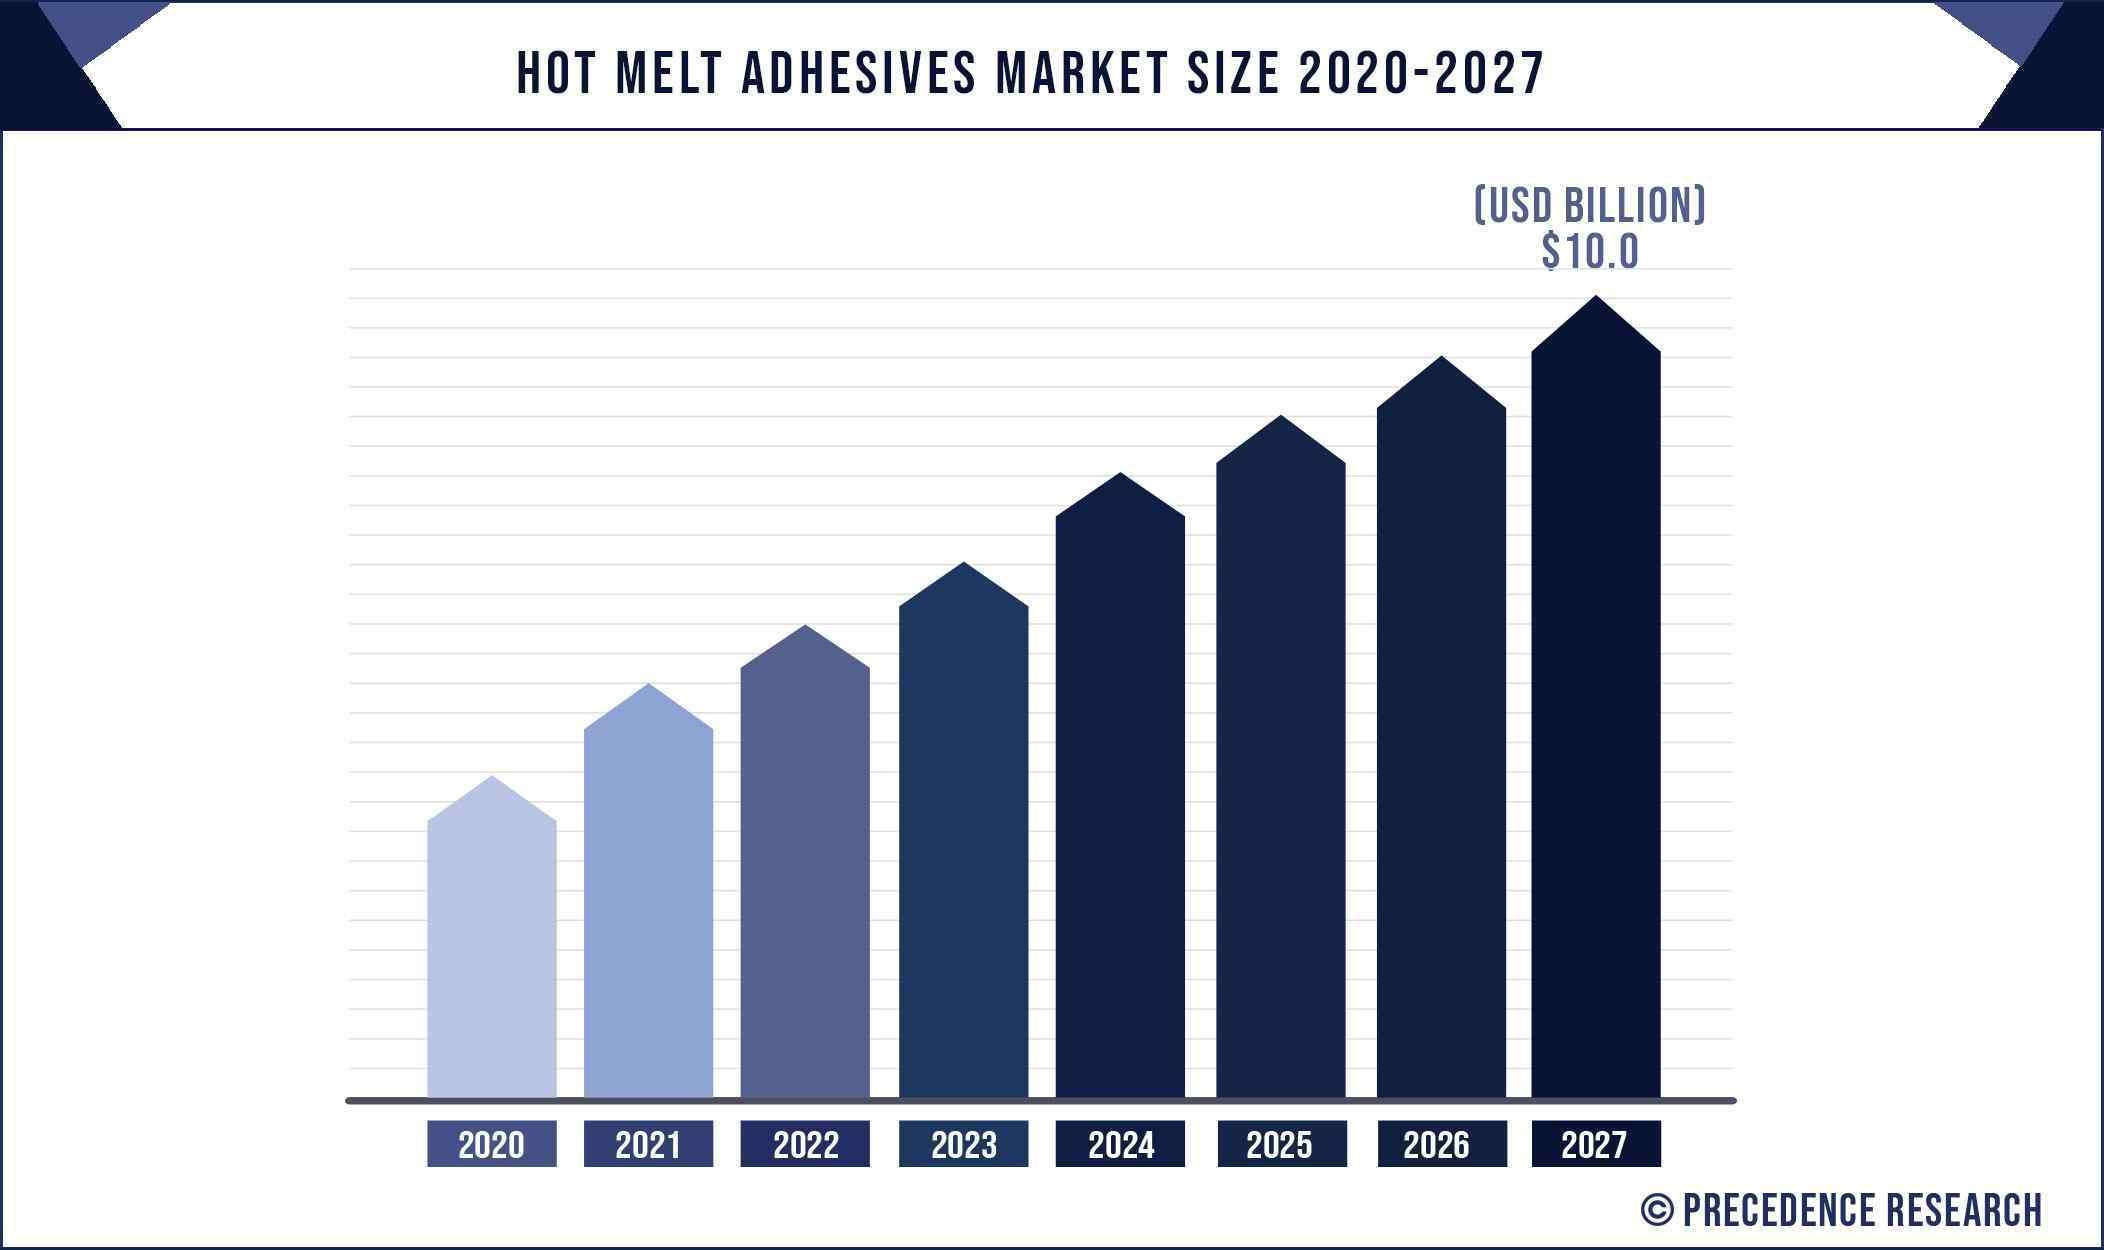 Hot Melt Adhesives Market Size 2020 to 2027